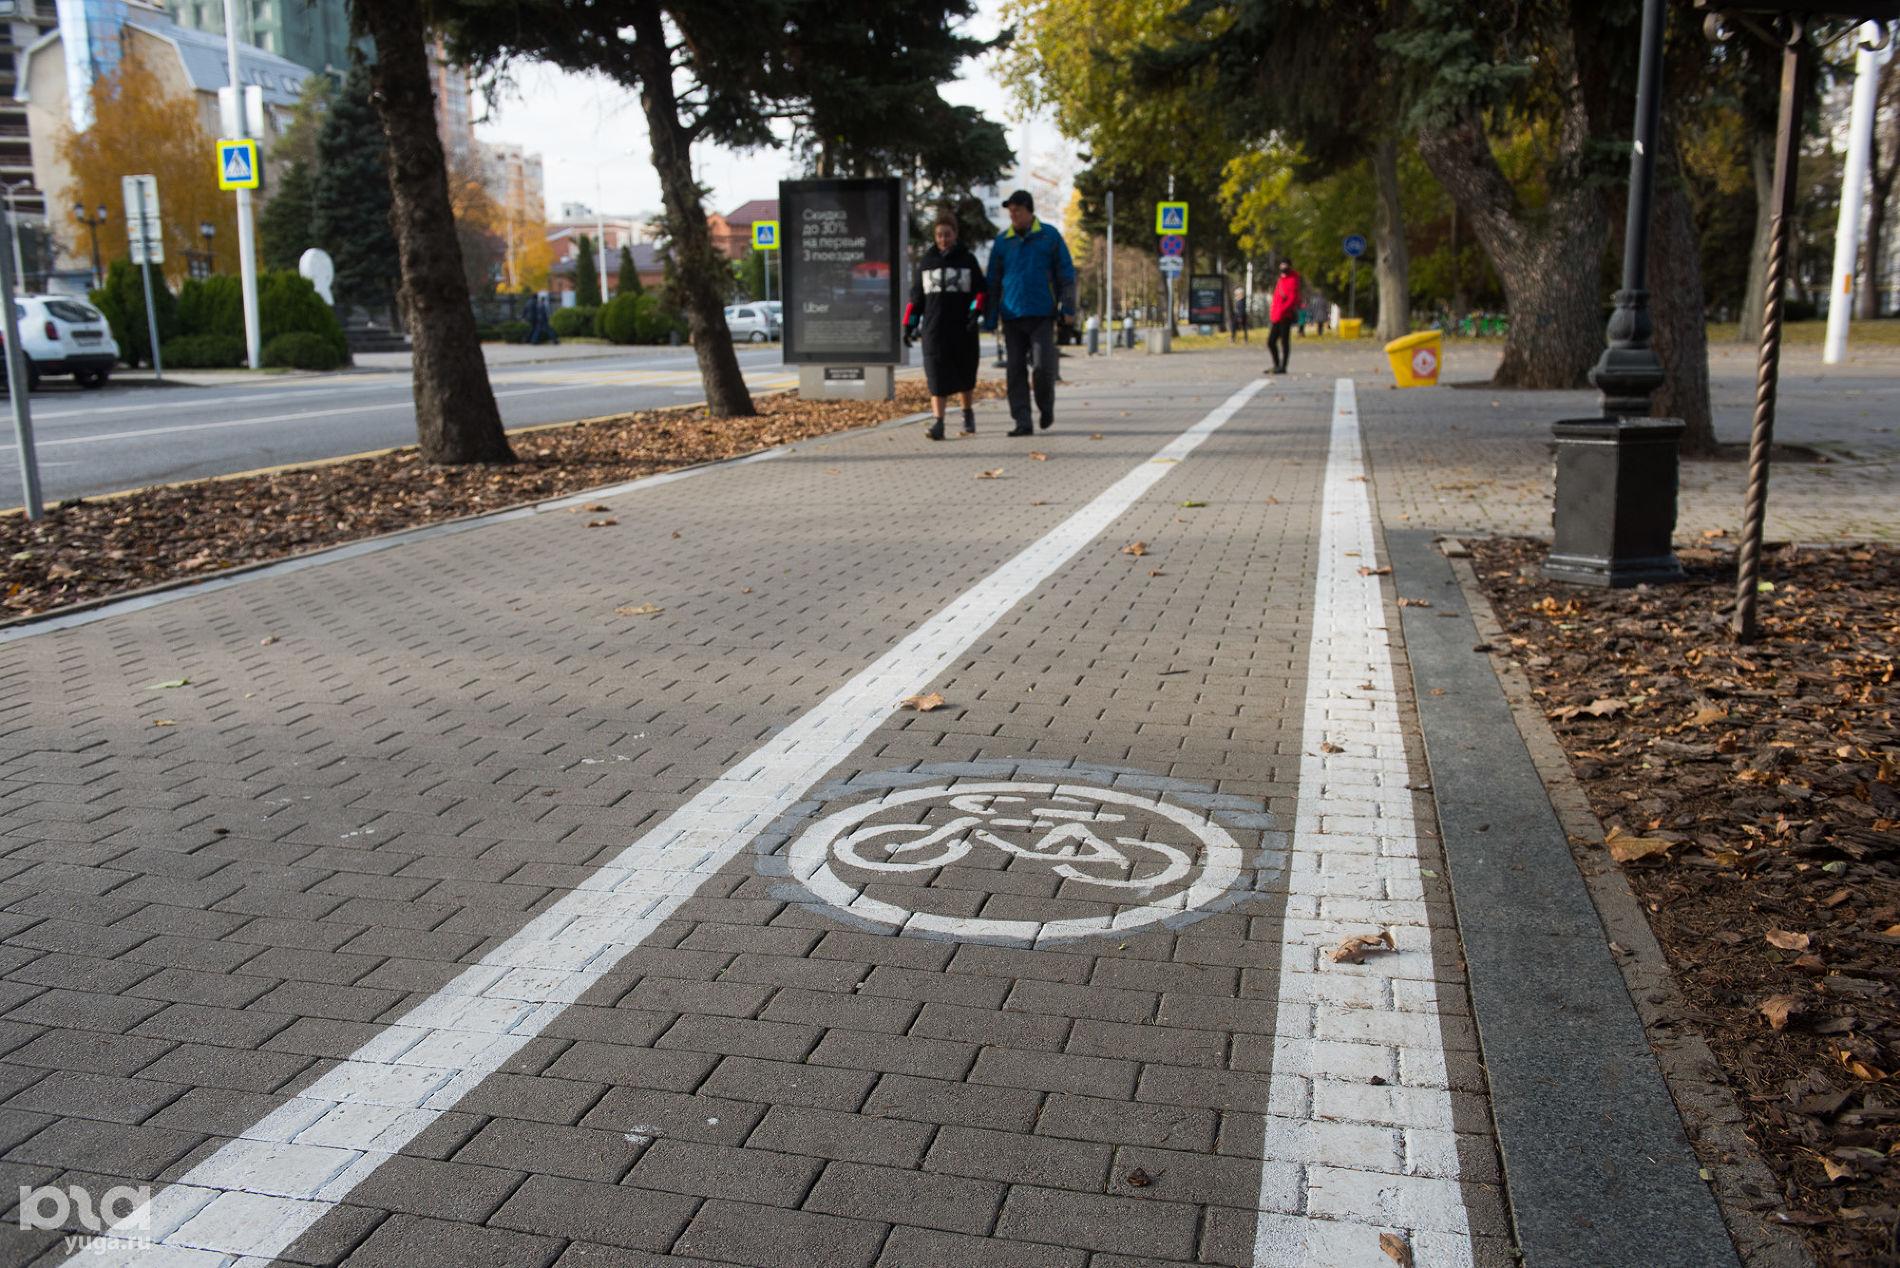 Велодорожка. Краснодар, 2020 год ©Фото Елены Синеок, Юга.ру